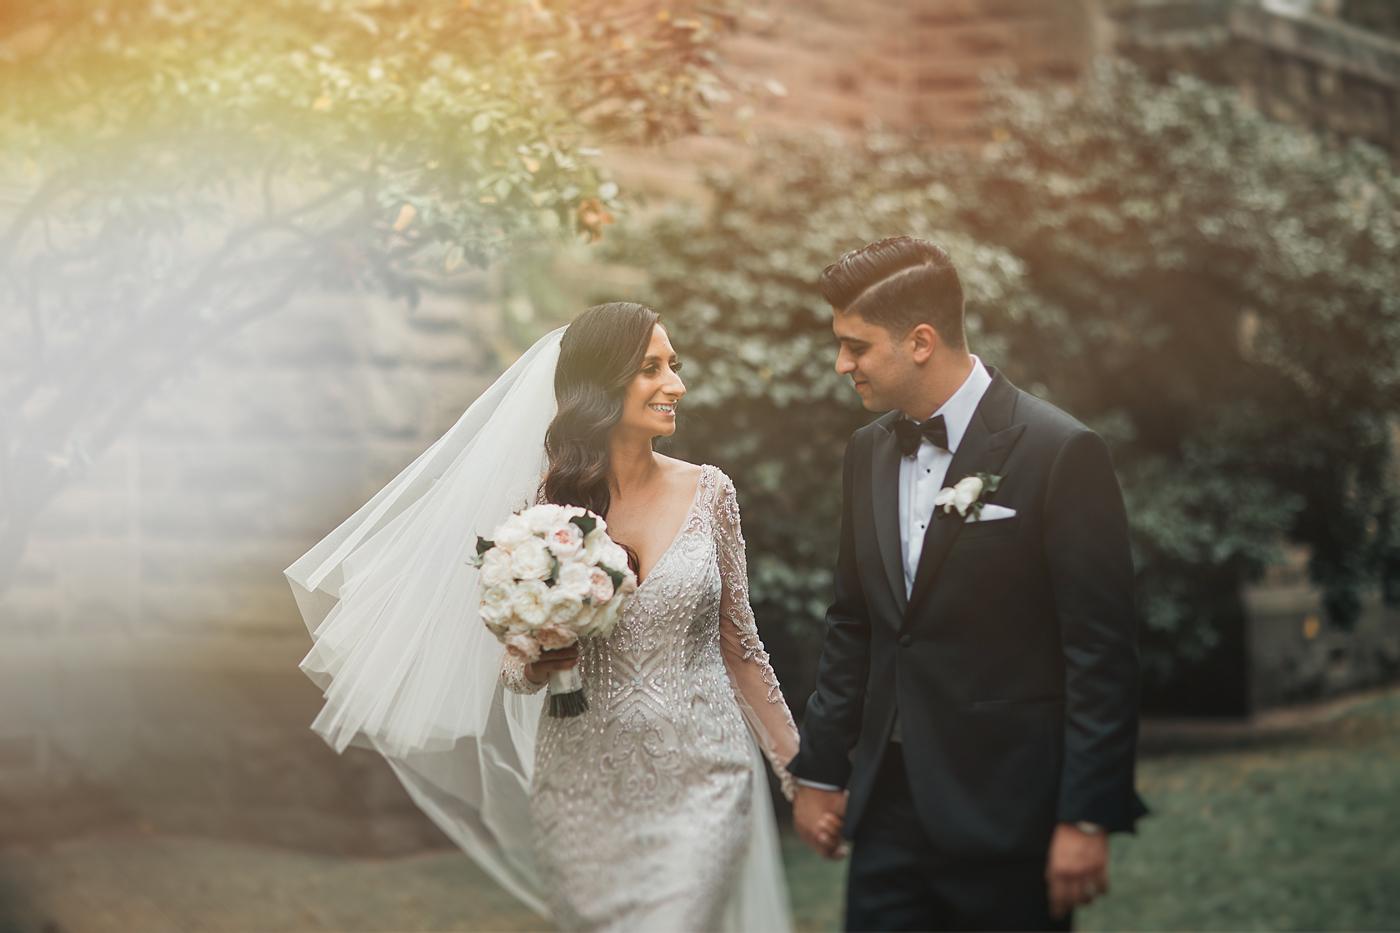 Laura + Jotham | RC Real Bride | DEMETRIOS PLATINUM 330 | Raffaele Ciuca